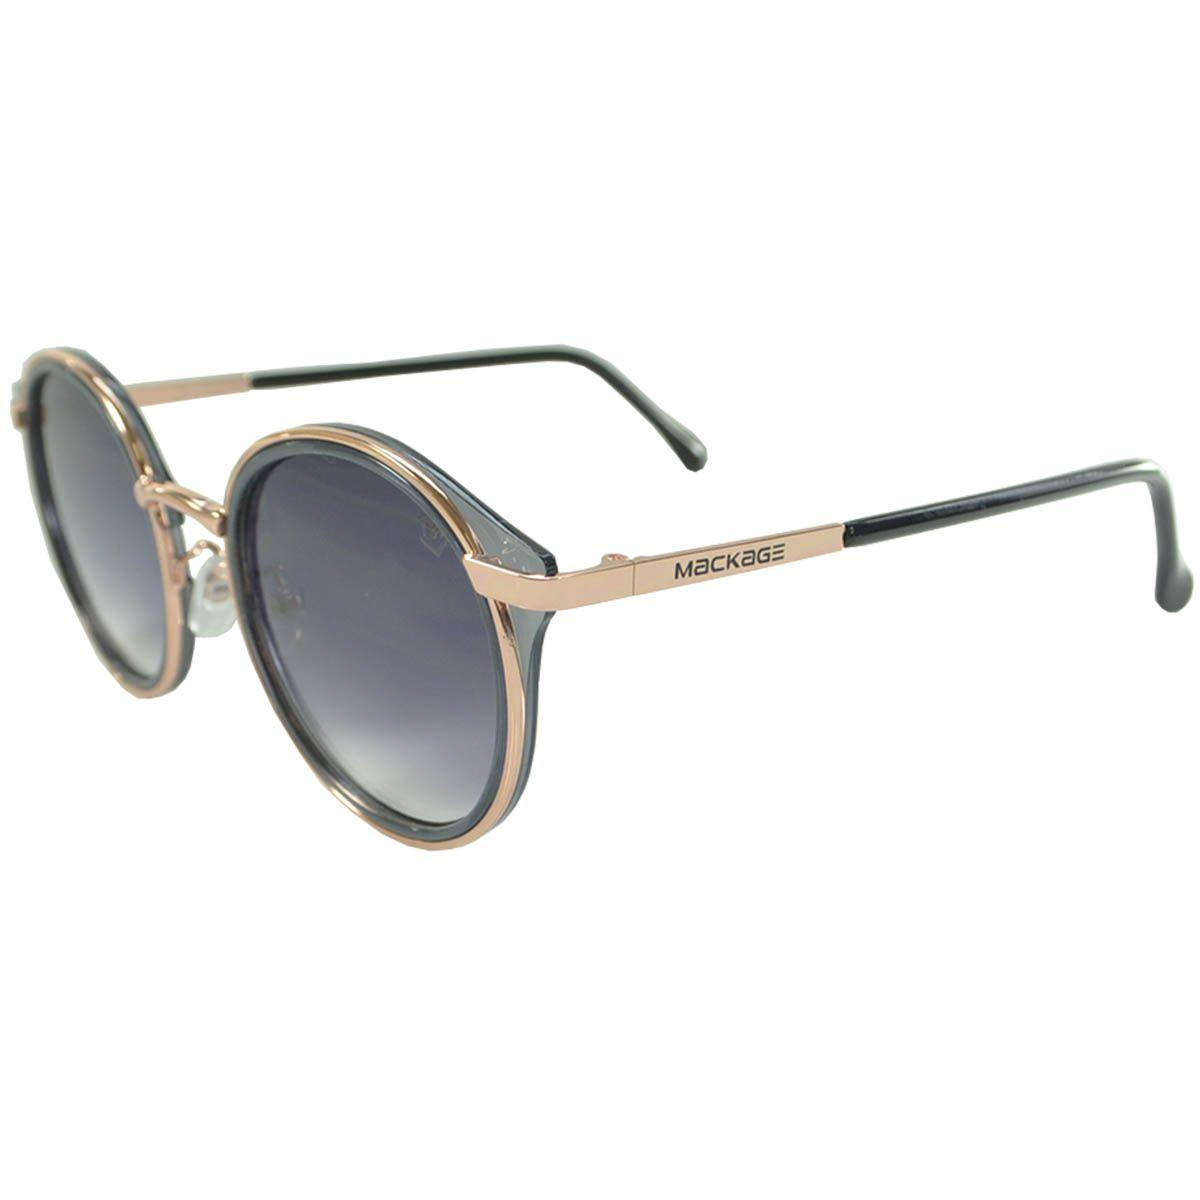 Óculos De Sol Mackage Feminino Metal Redondo - Cinza